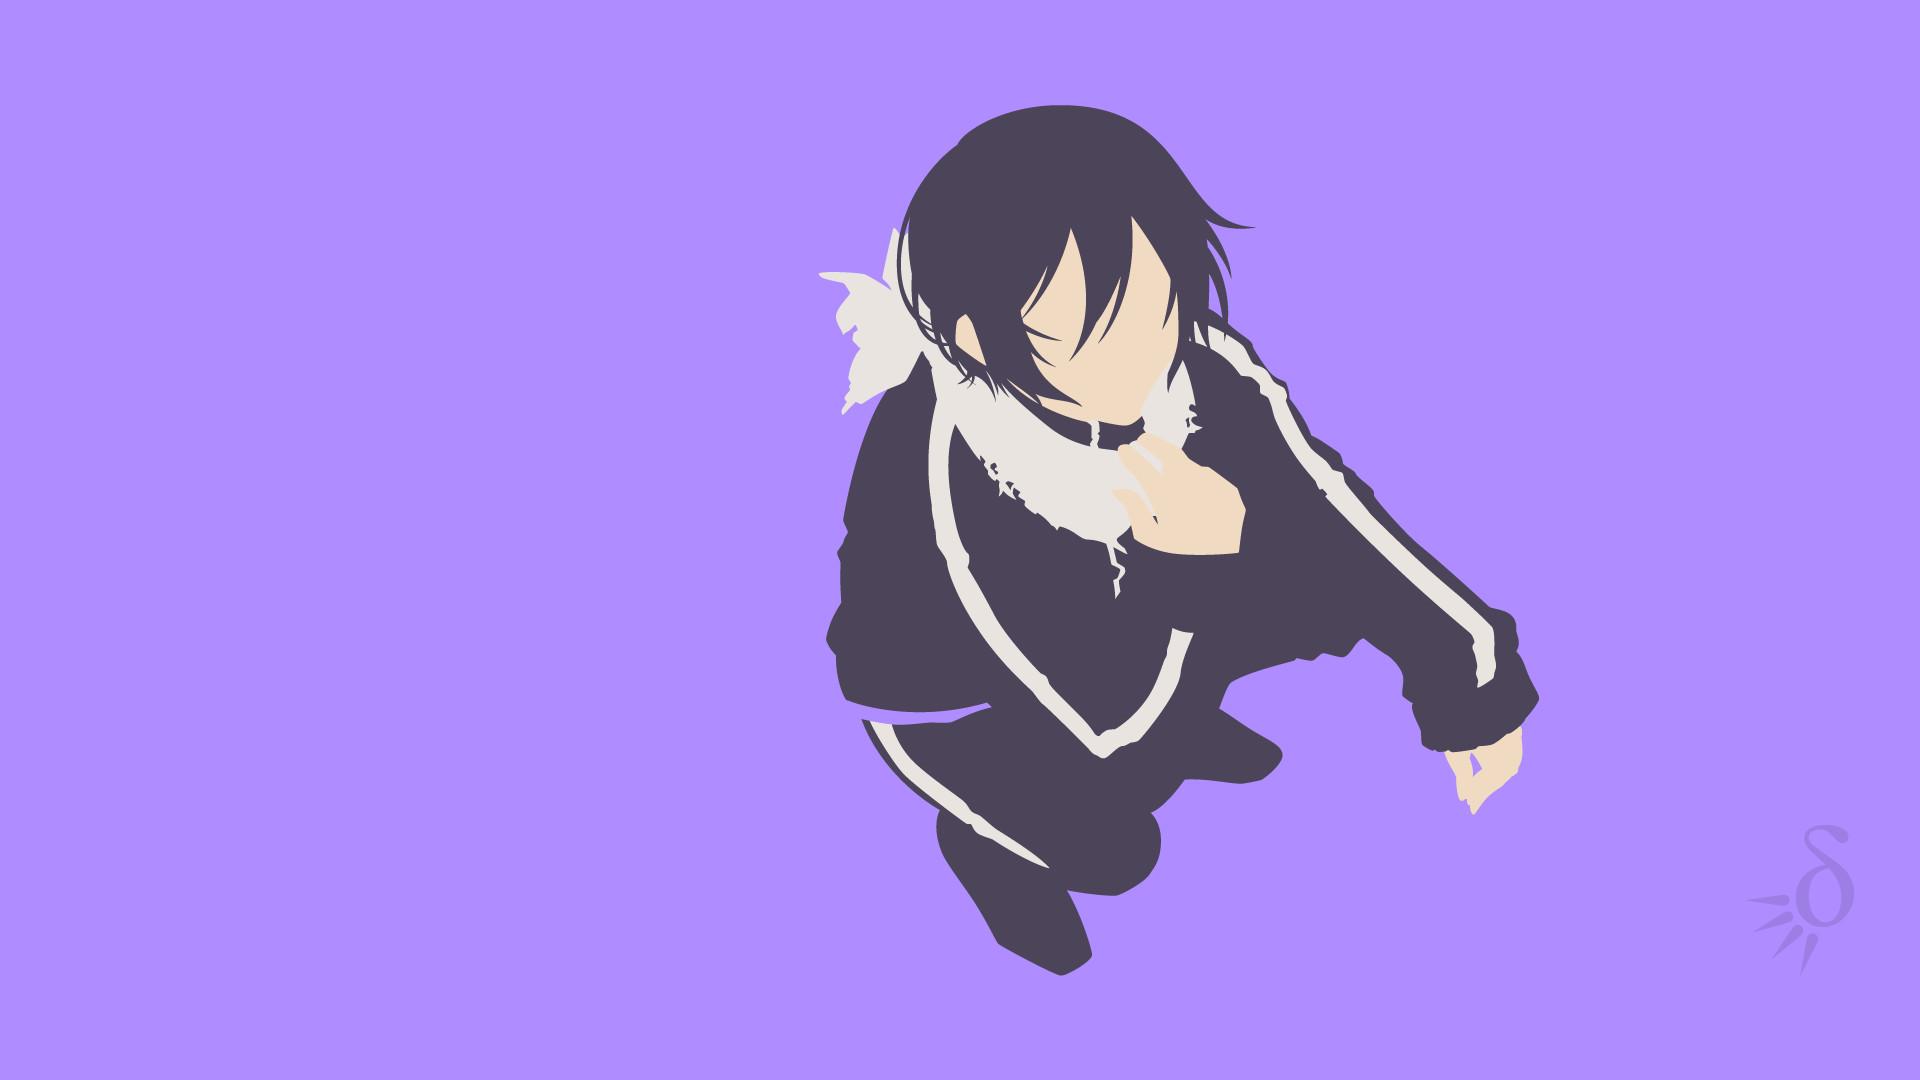 noragami on Pinterest | Anime, Manga and Fanart